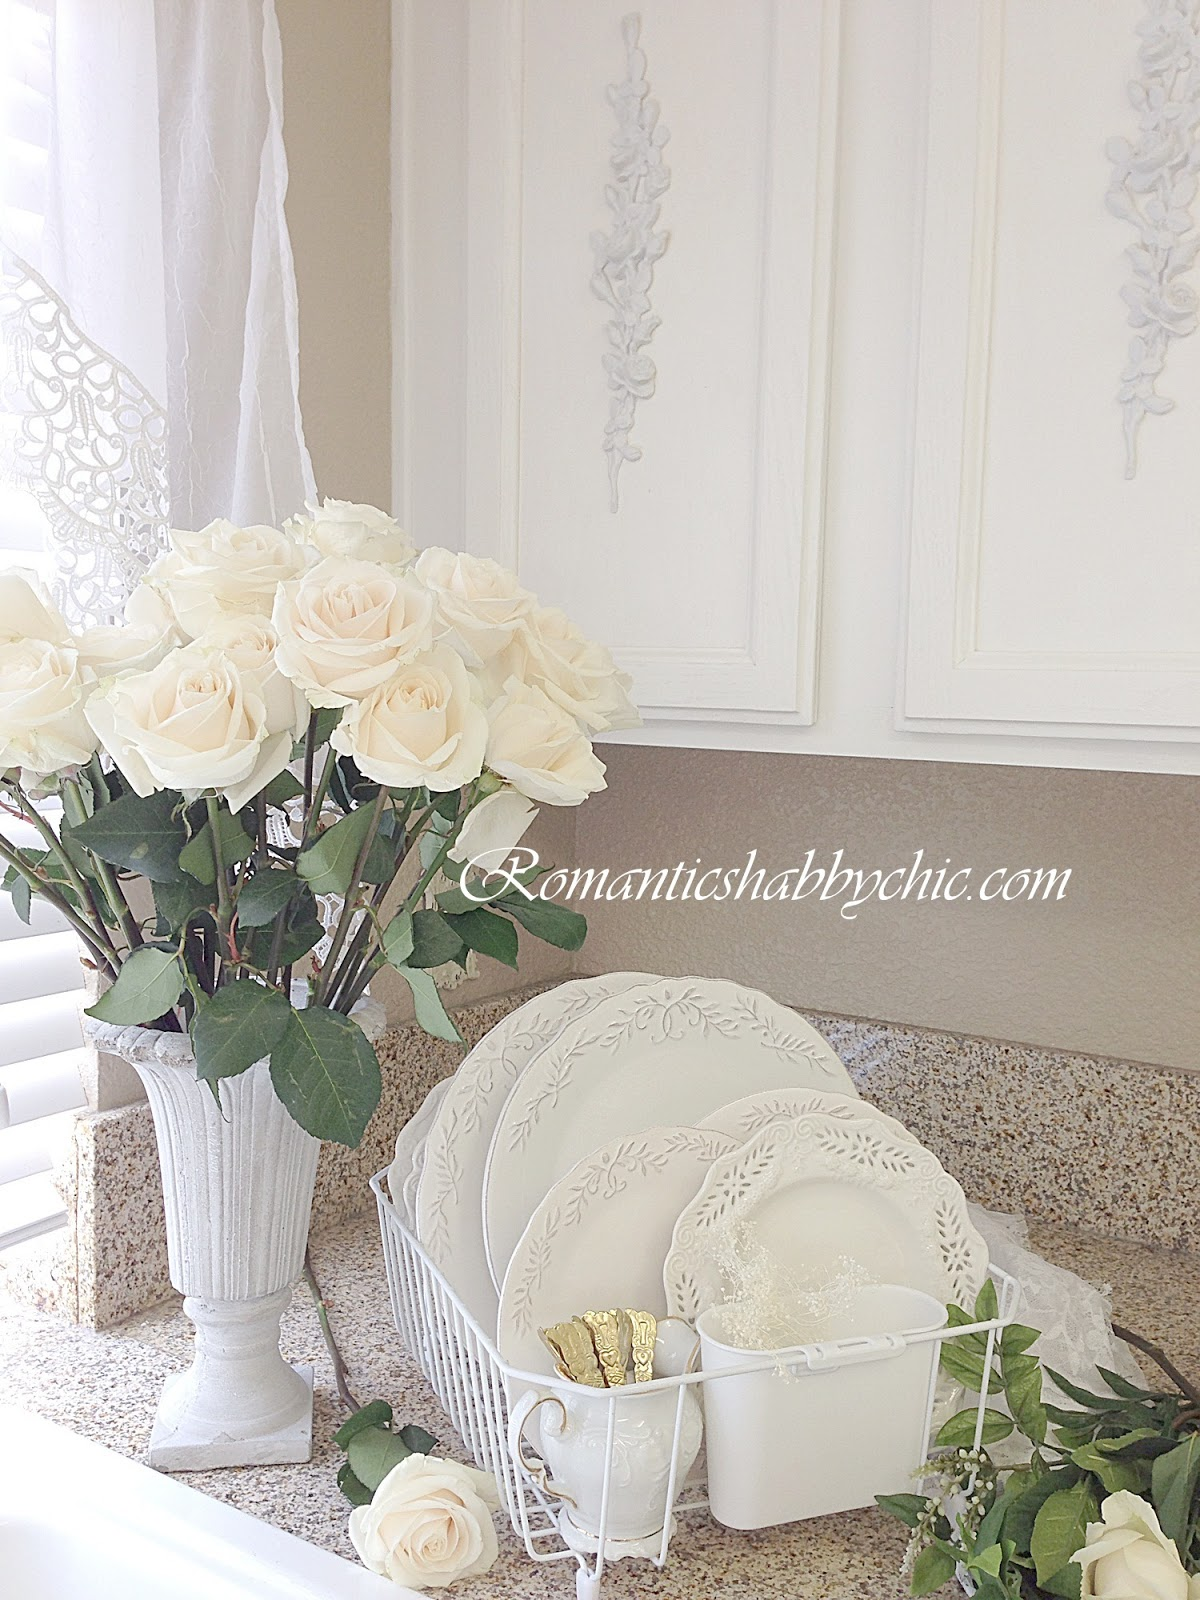 Romantic shabby chic home romanticshabbychic com - What is shabby chic ...